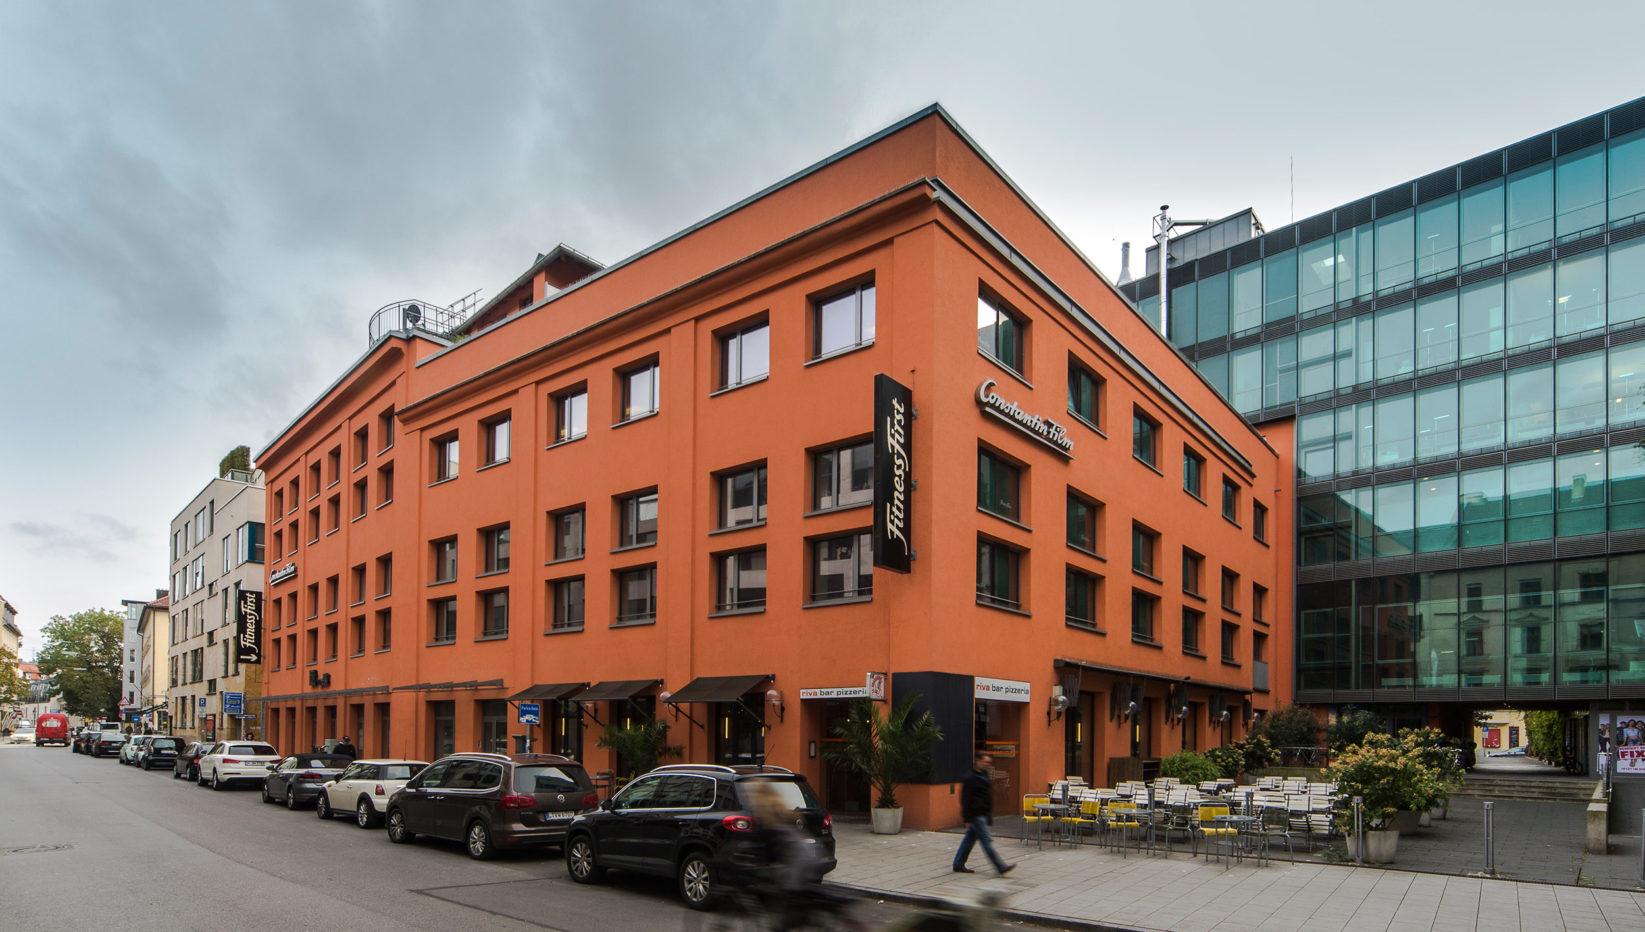 Ansicht der Factory Schabing von Nordosten von der Feilitzschstraße. Die rotbraune Fassade ist vorne zu sehen, dahinter ein Glasgebäude.